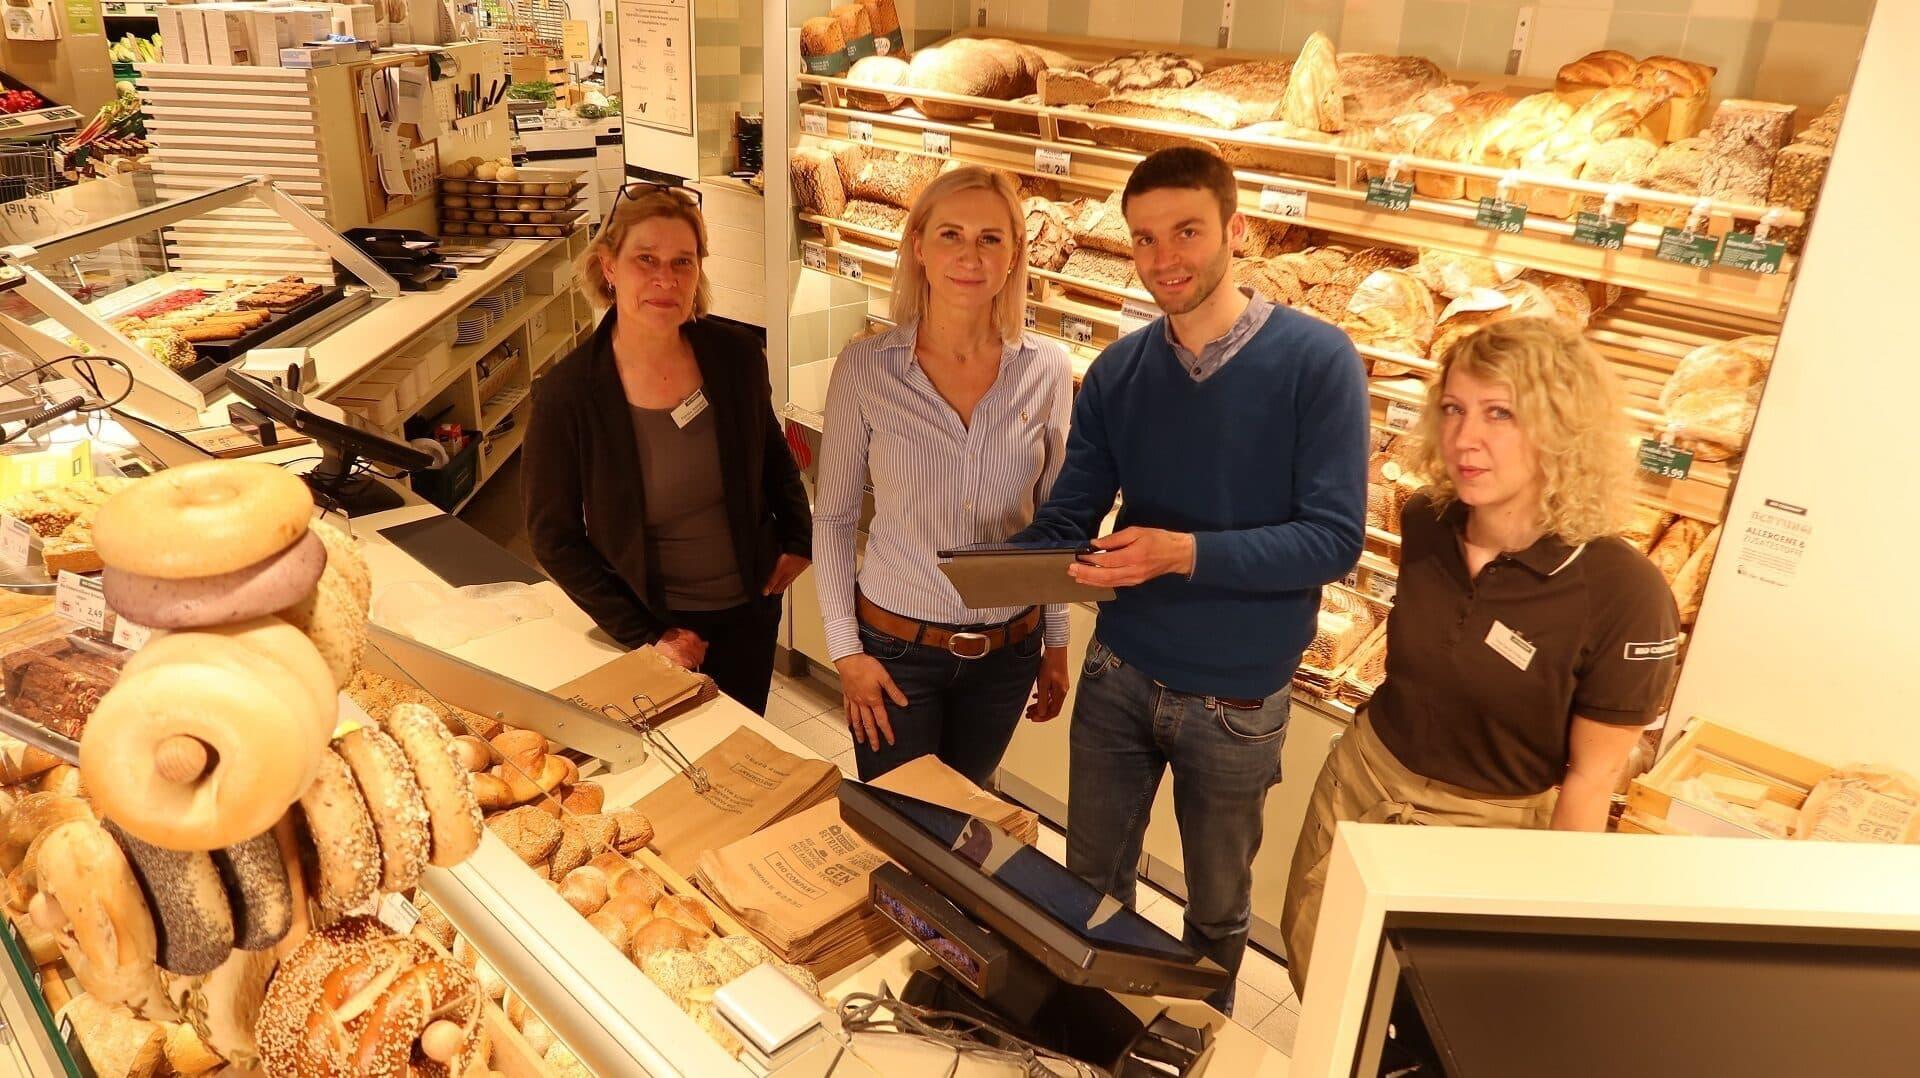 Bio Company, Brot, Backwaren, Food Tracks V.l.n.r.: Patrizia Weinzierl (Fachbereichsleitung Back & Bistro), Nicole Korset-Ristic (Leitung Verkauf), Dr. Tobias Pfaff (Geschäftsführer Antegon/ FoodTracks), Sarah Fedrow (Einkauf Back & Bistro)